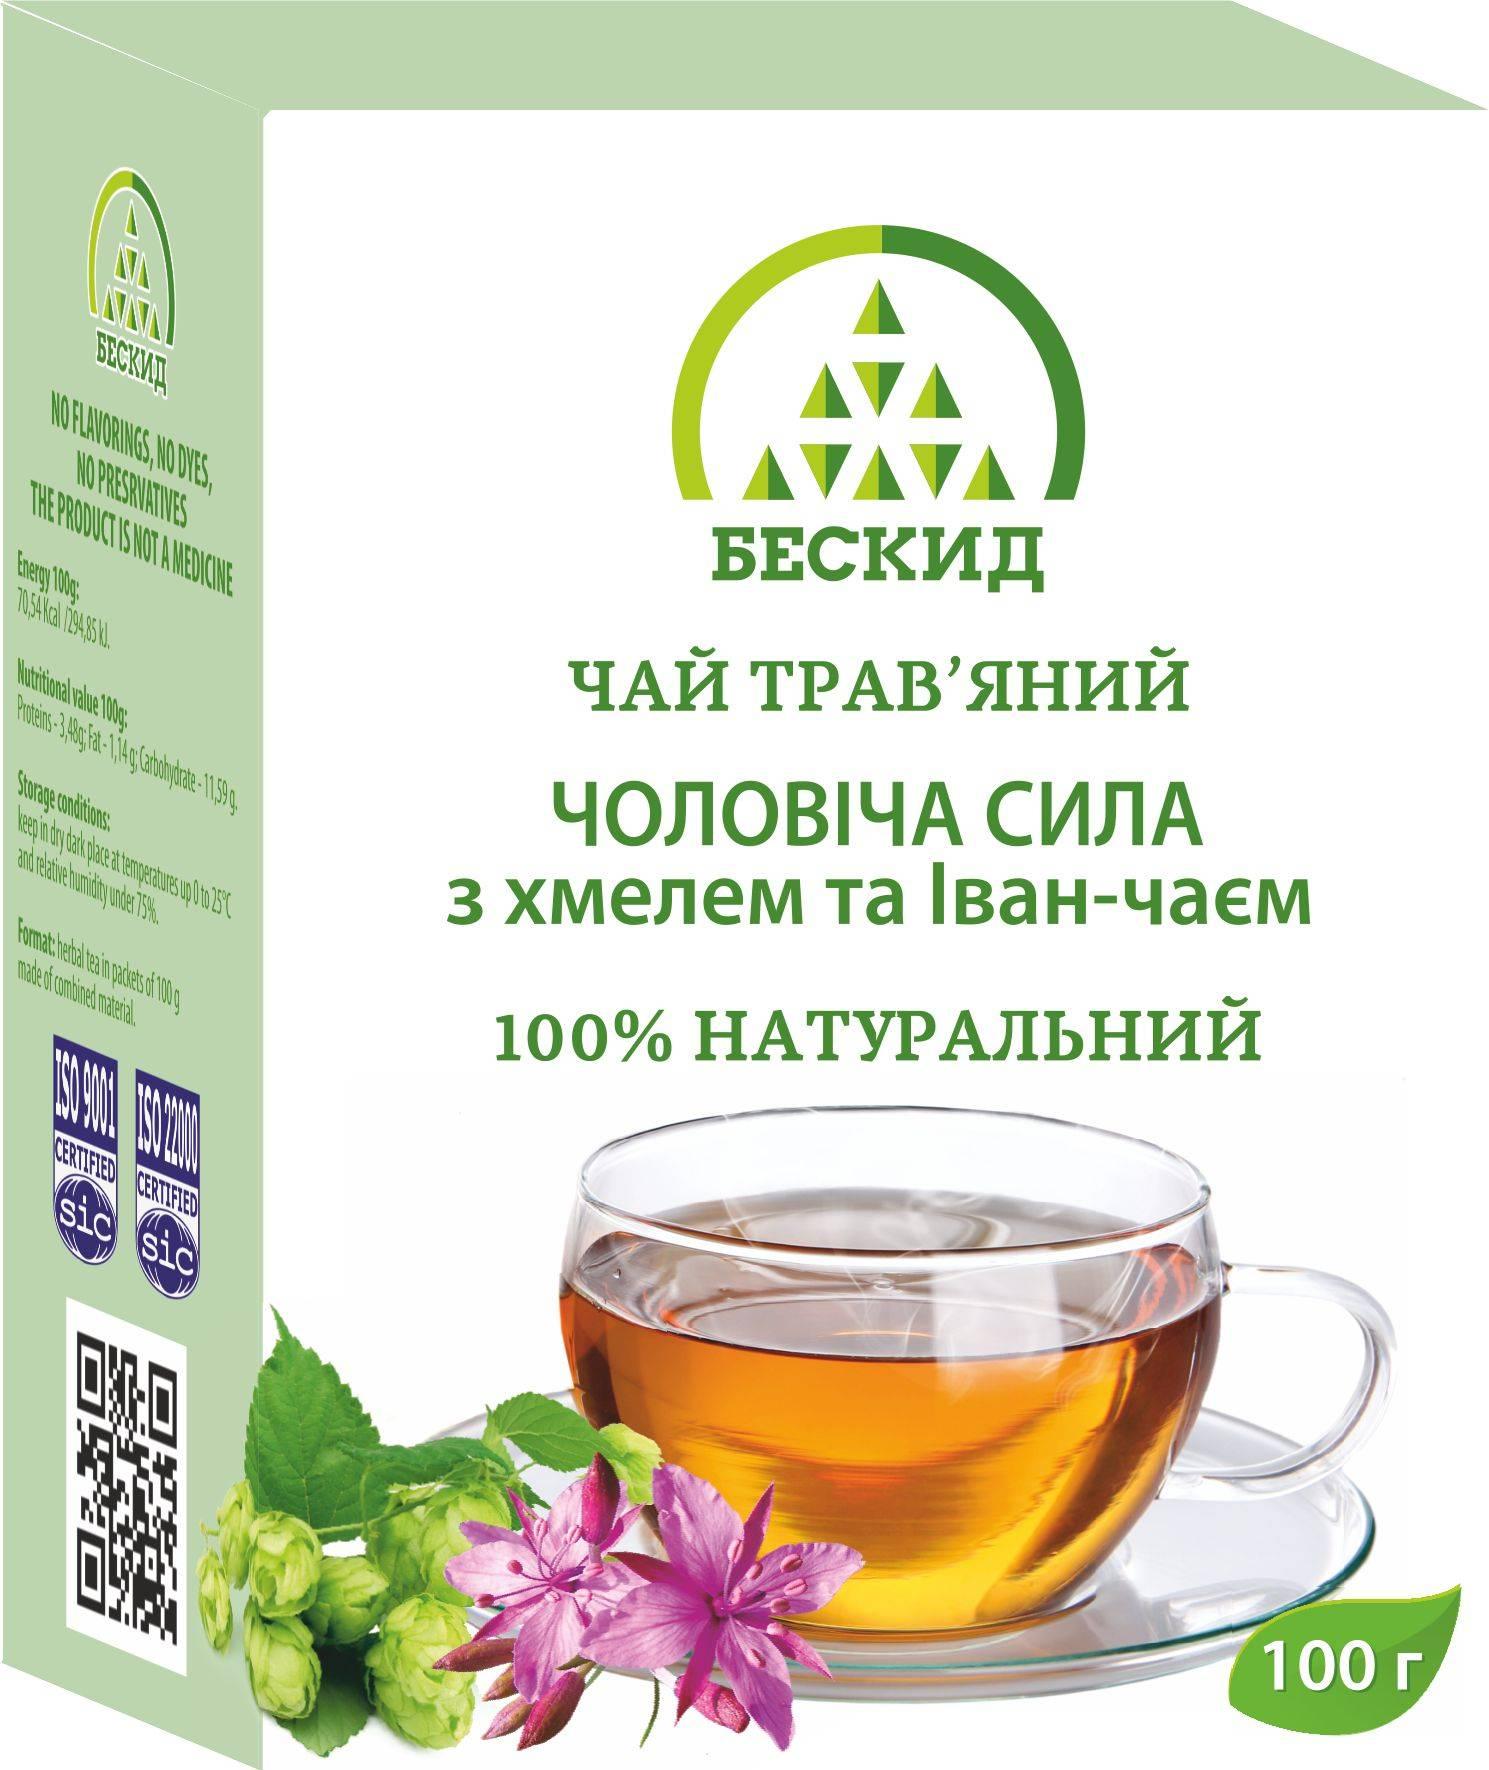 Как приготовить иван-чай для повышения потенции